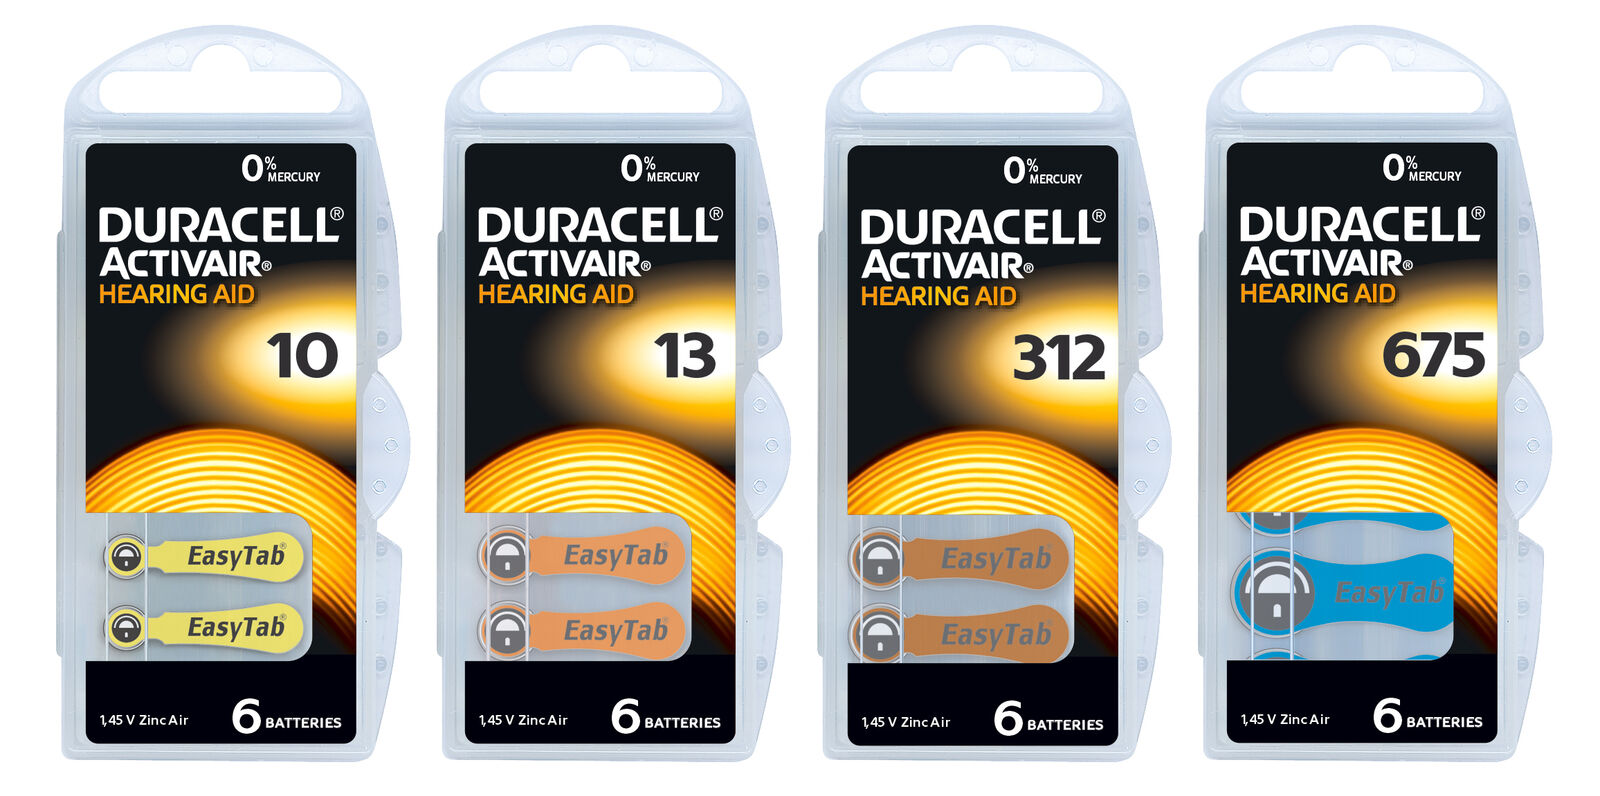 Duracell Hörgerätebatterien Typ  p10, p13, p312, p675